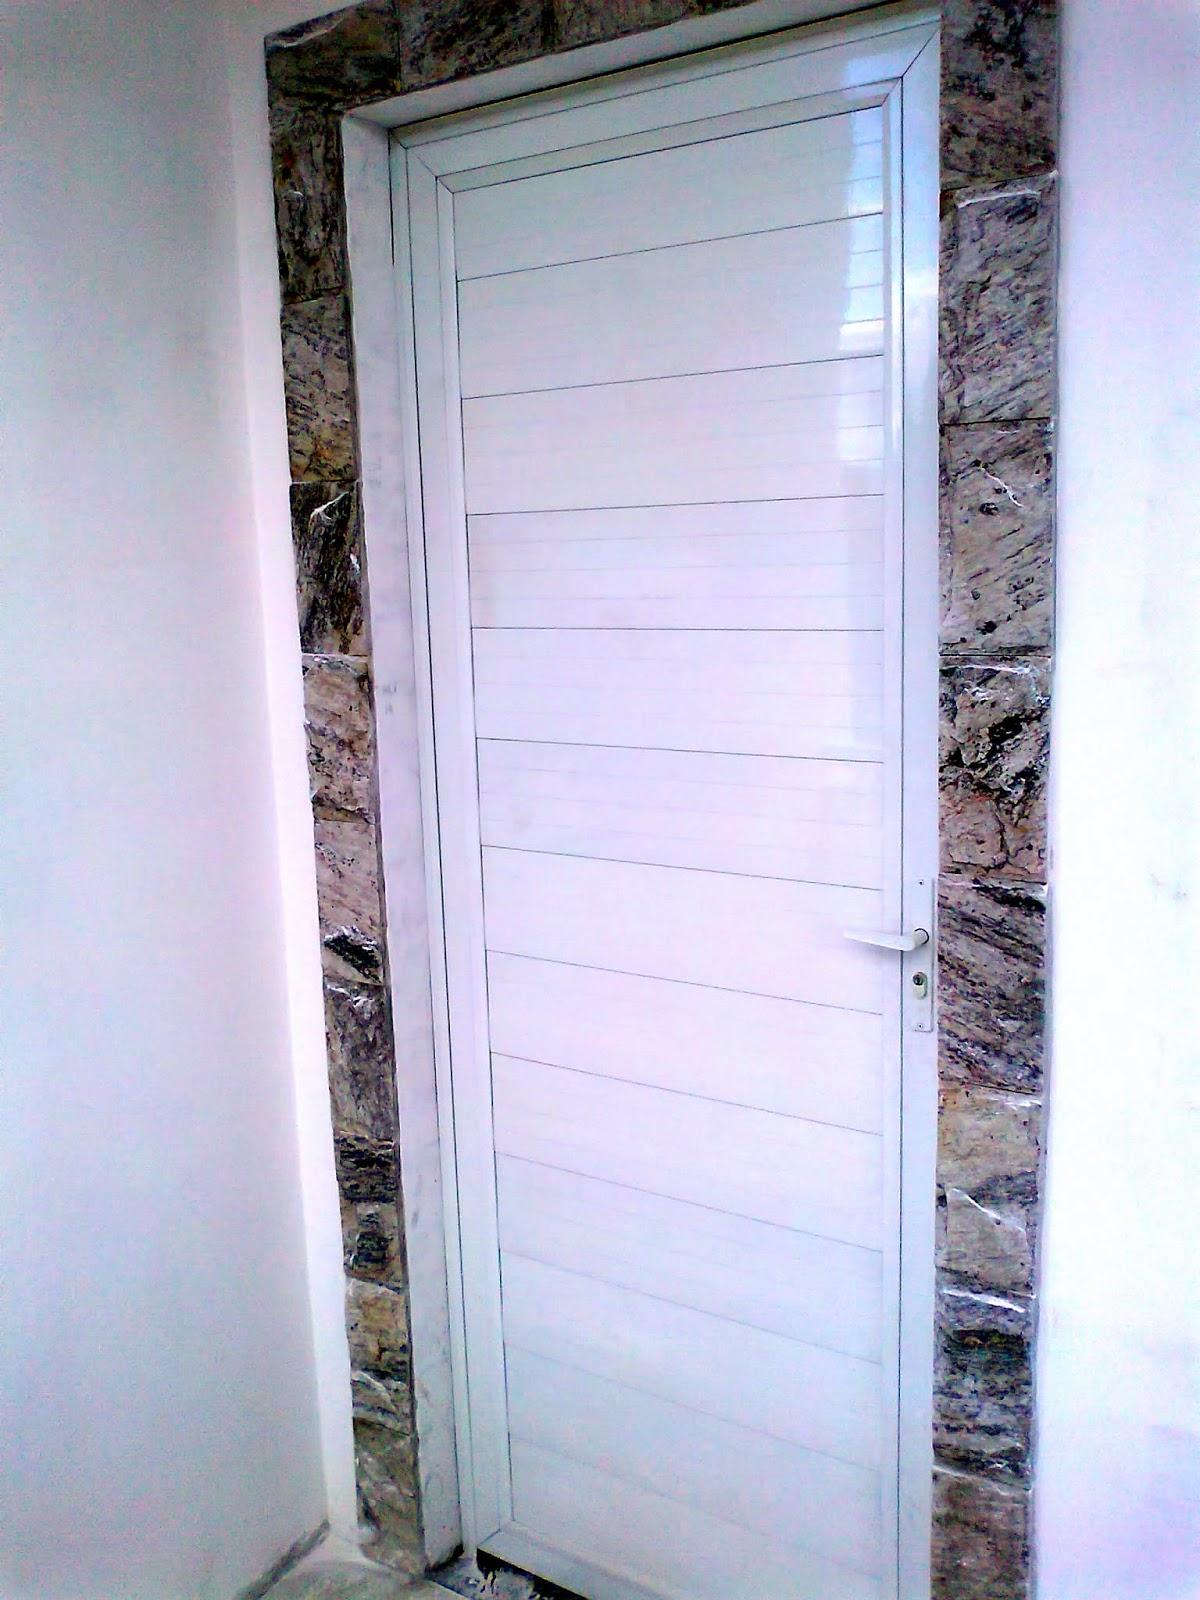 #3E418D  RJ ZONA NORTE: Serralheria Del Castilho Rio de Janeiro Zona Norte 1100 Portas E Janelas De Aluminio Na Telha Norte